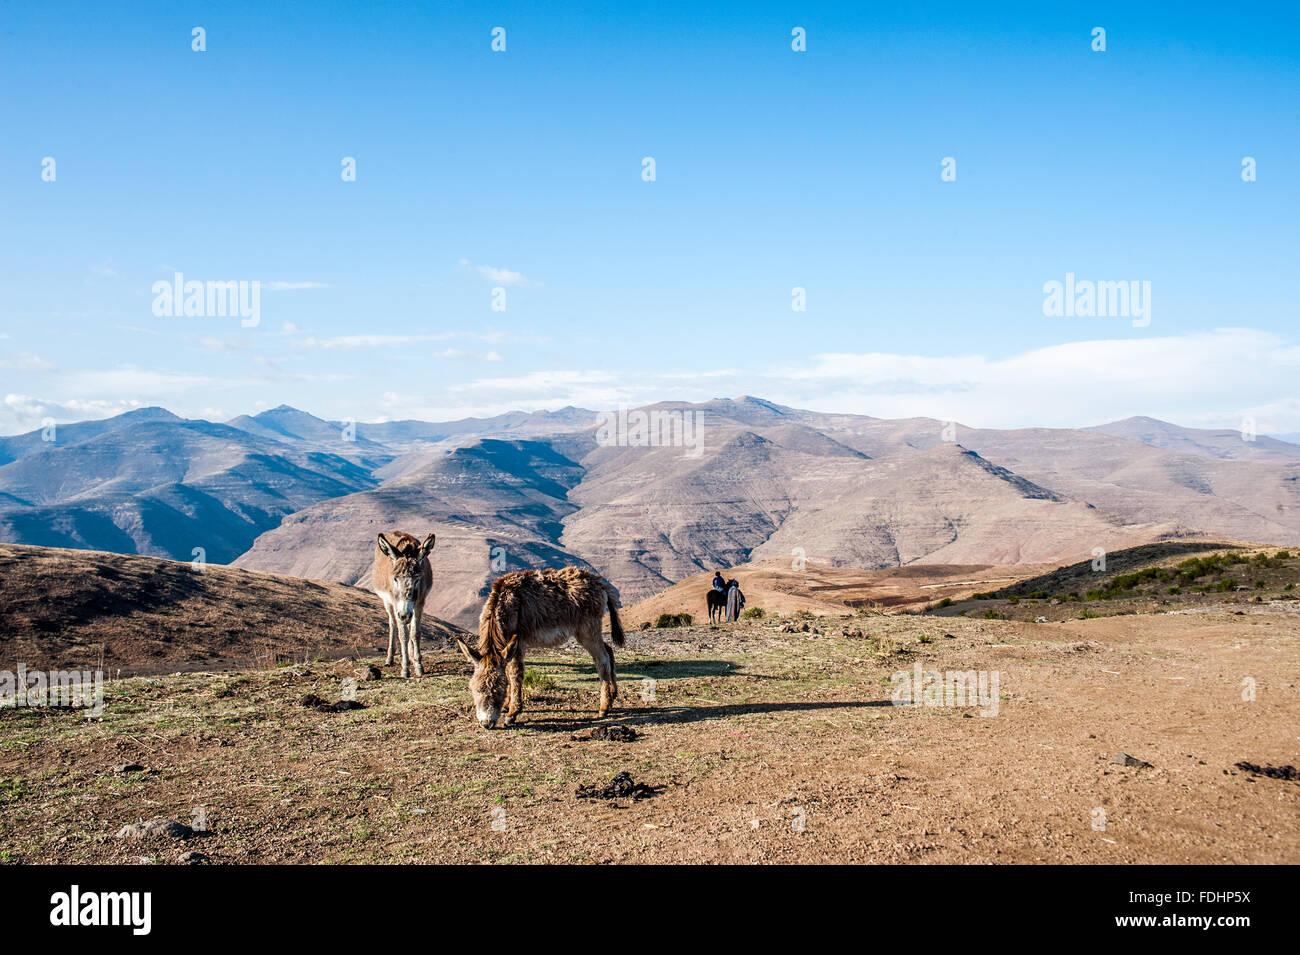 Esel grasen und eine Person auf dem Rücken der Pferde in den Bergen von Lesotho, Afrika Stockbild